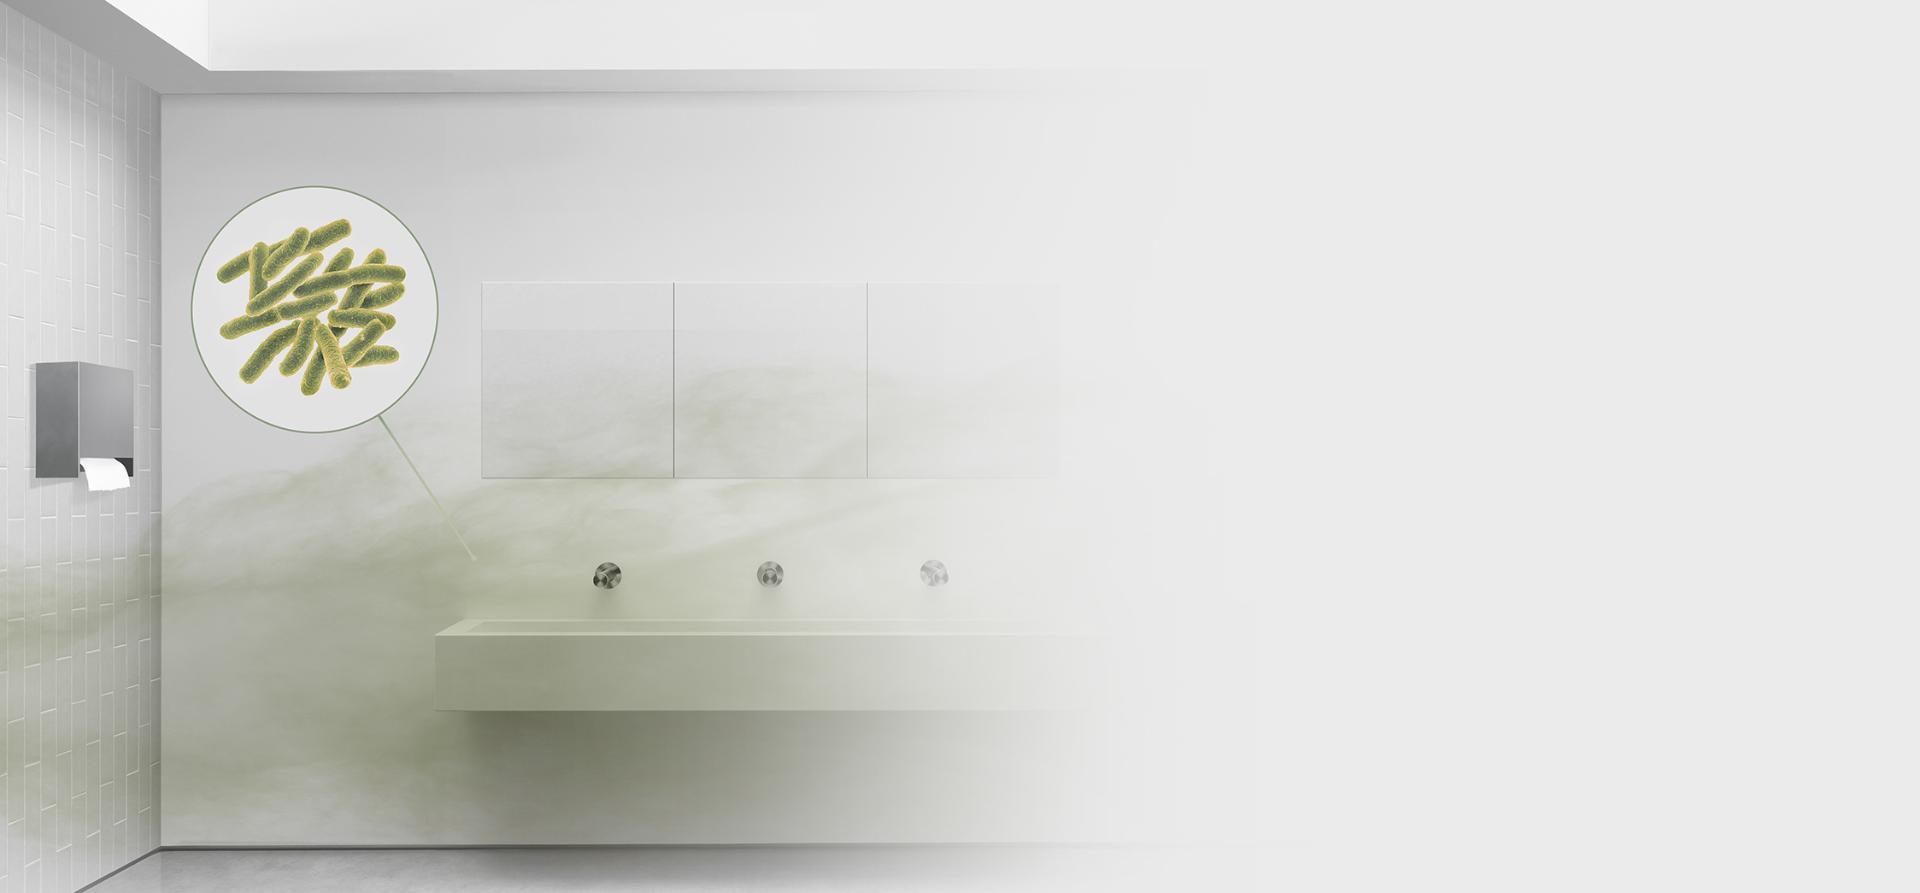 Vzduch v koupelně kontaminovaný bakteriemi